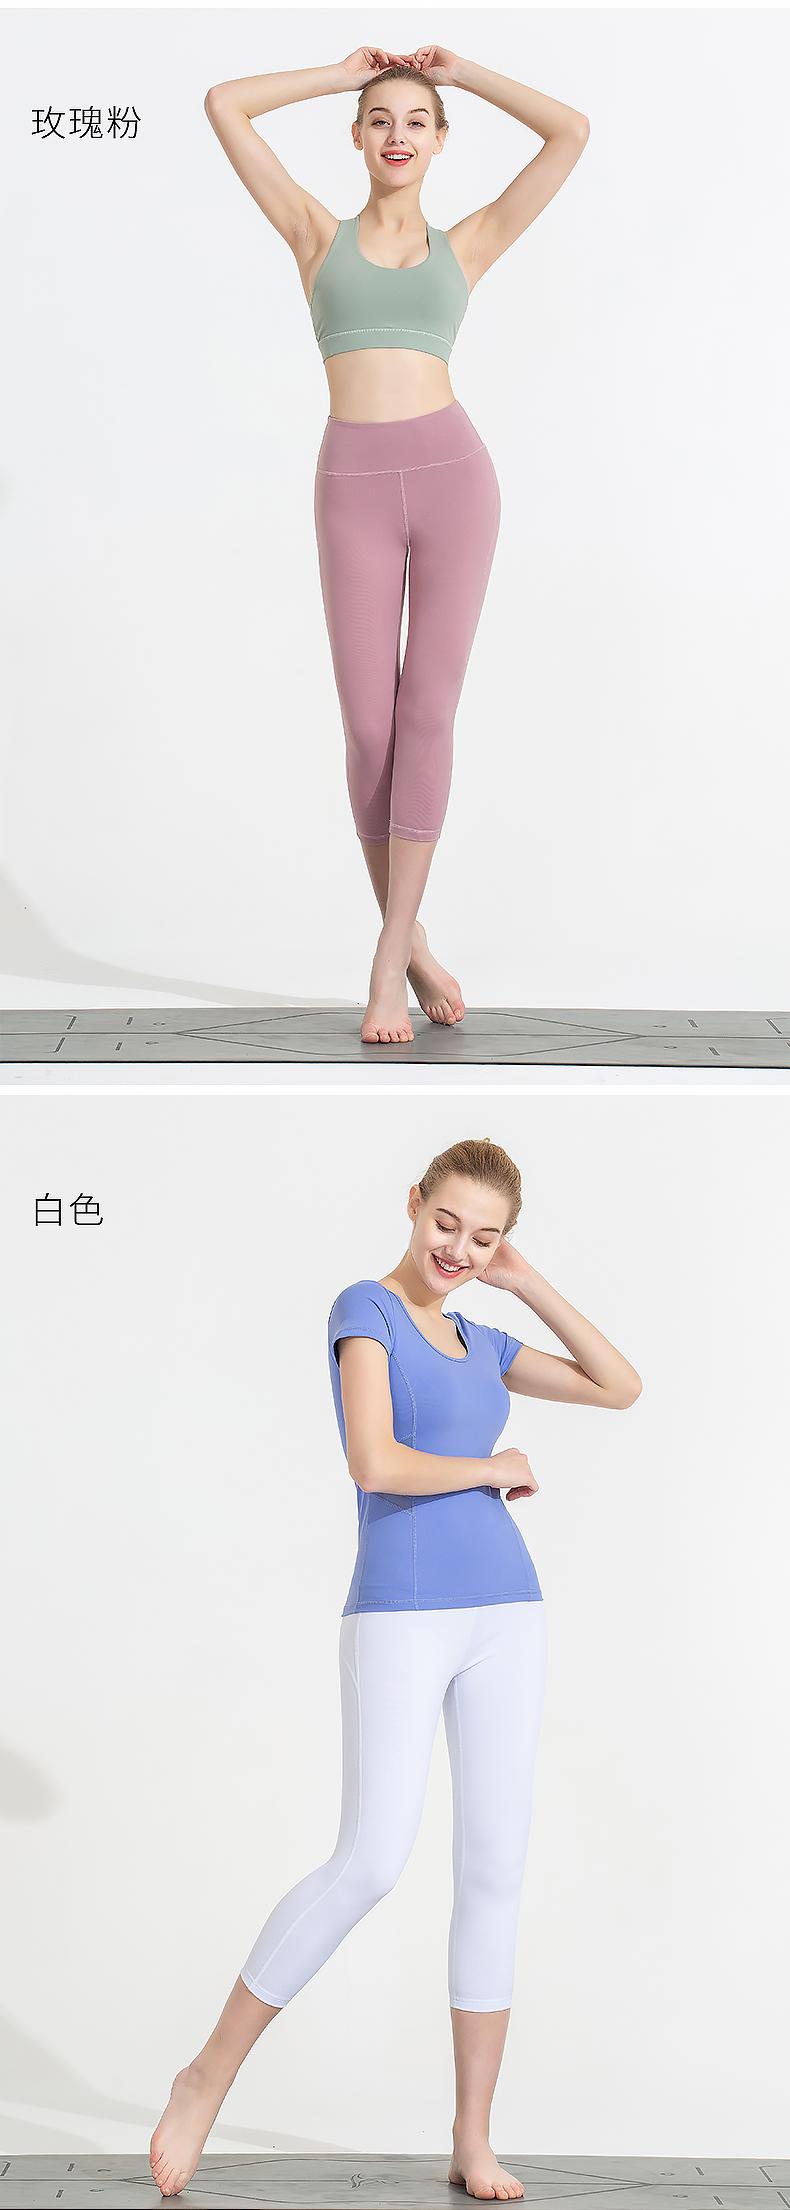 体验款梵美人瑜伽服七分裤女紧身高腰大尺码裸感专业运动健身裤详细照片